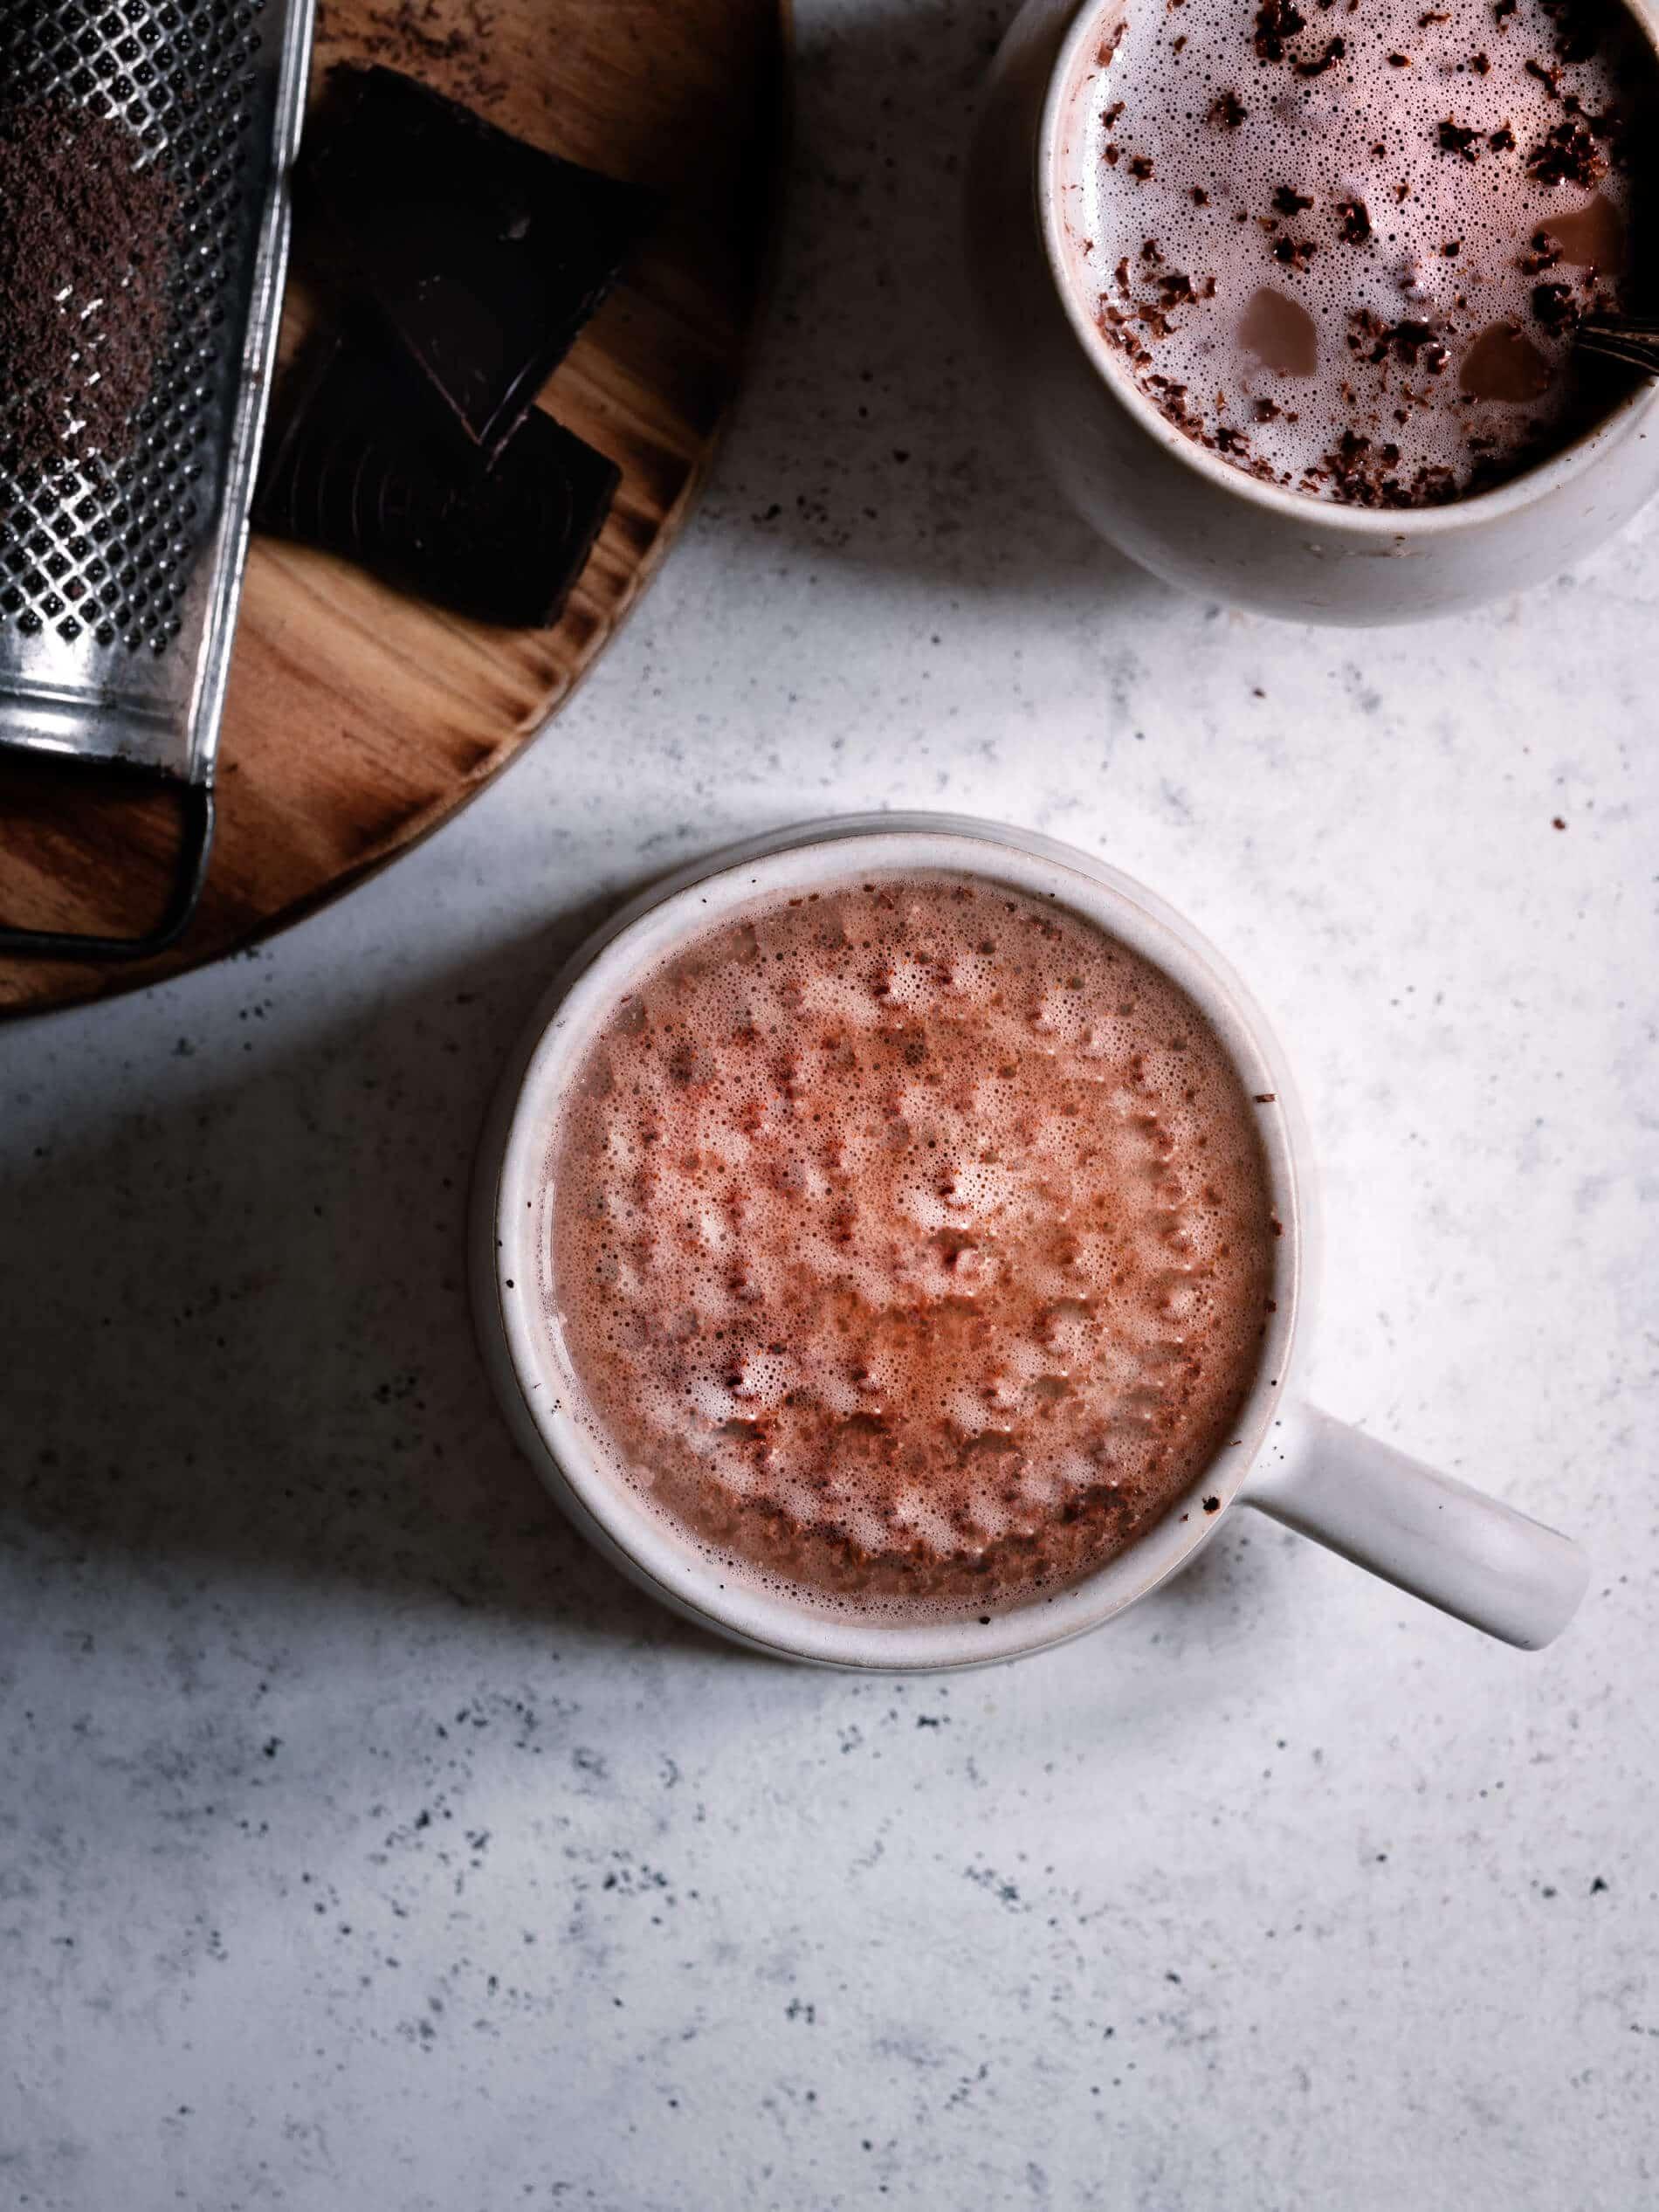 Reishi Schokolade in Tasse von oben